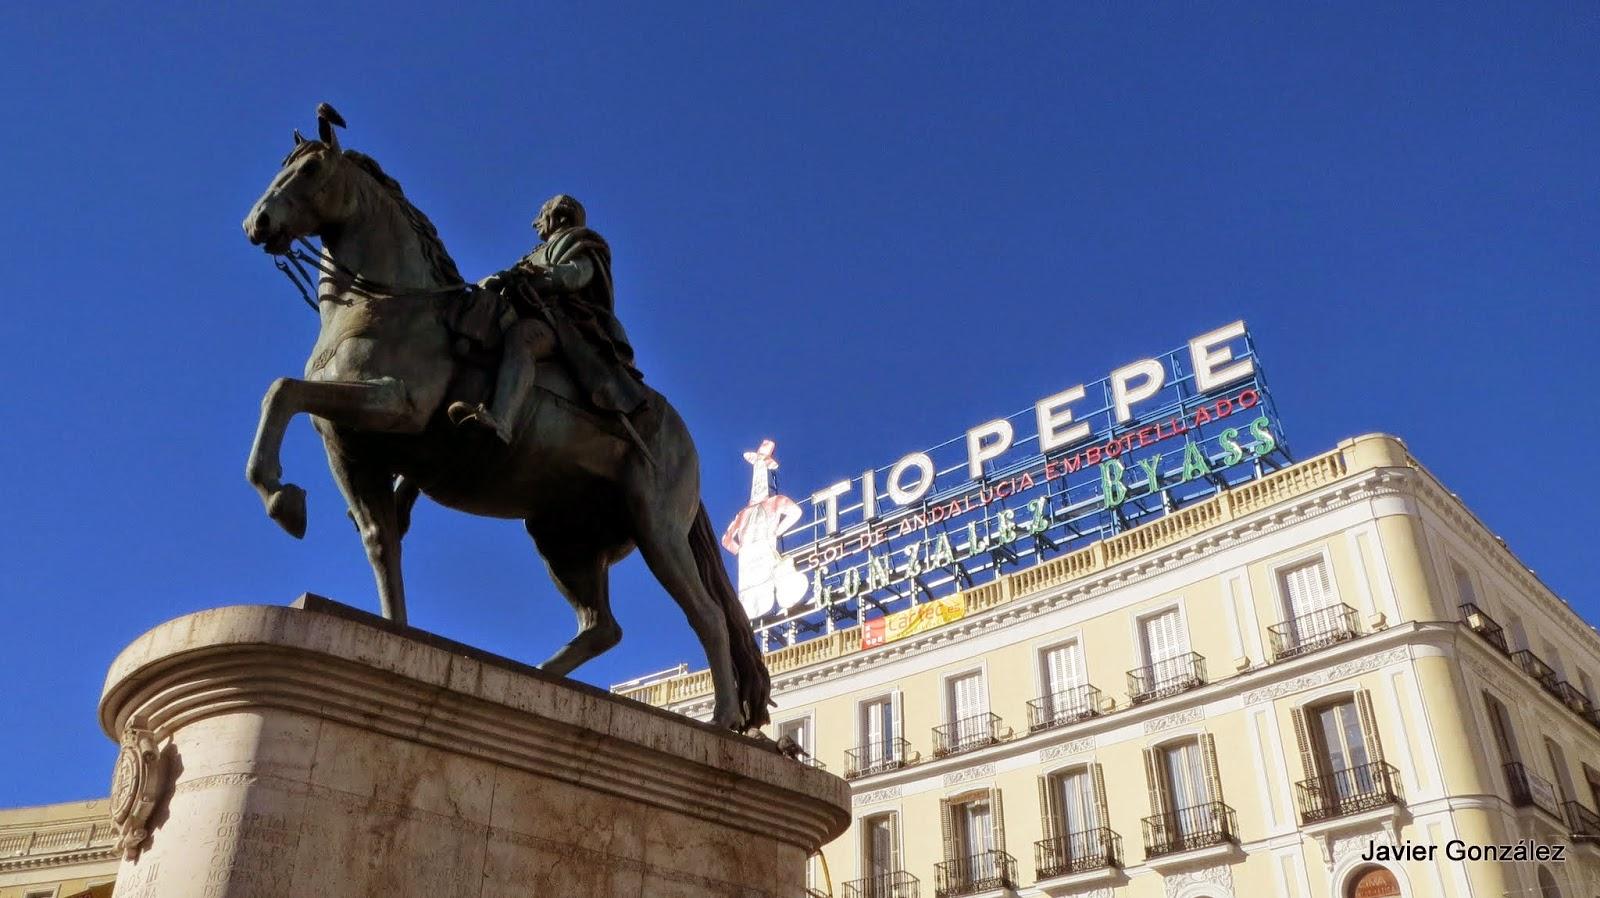 estatua ecuestre de Carlos III